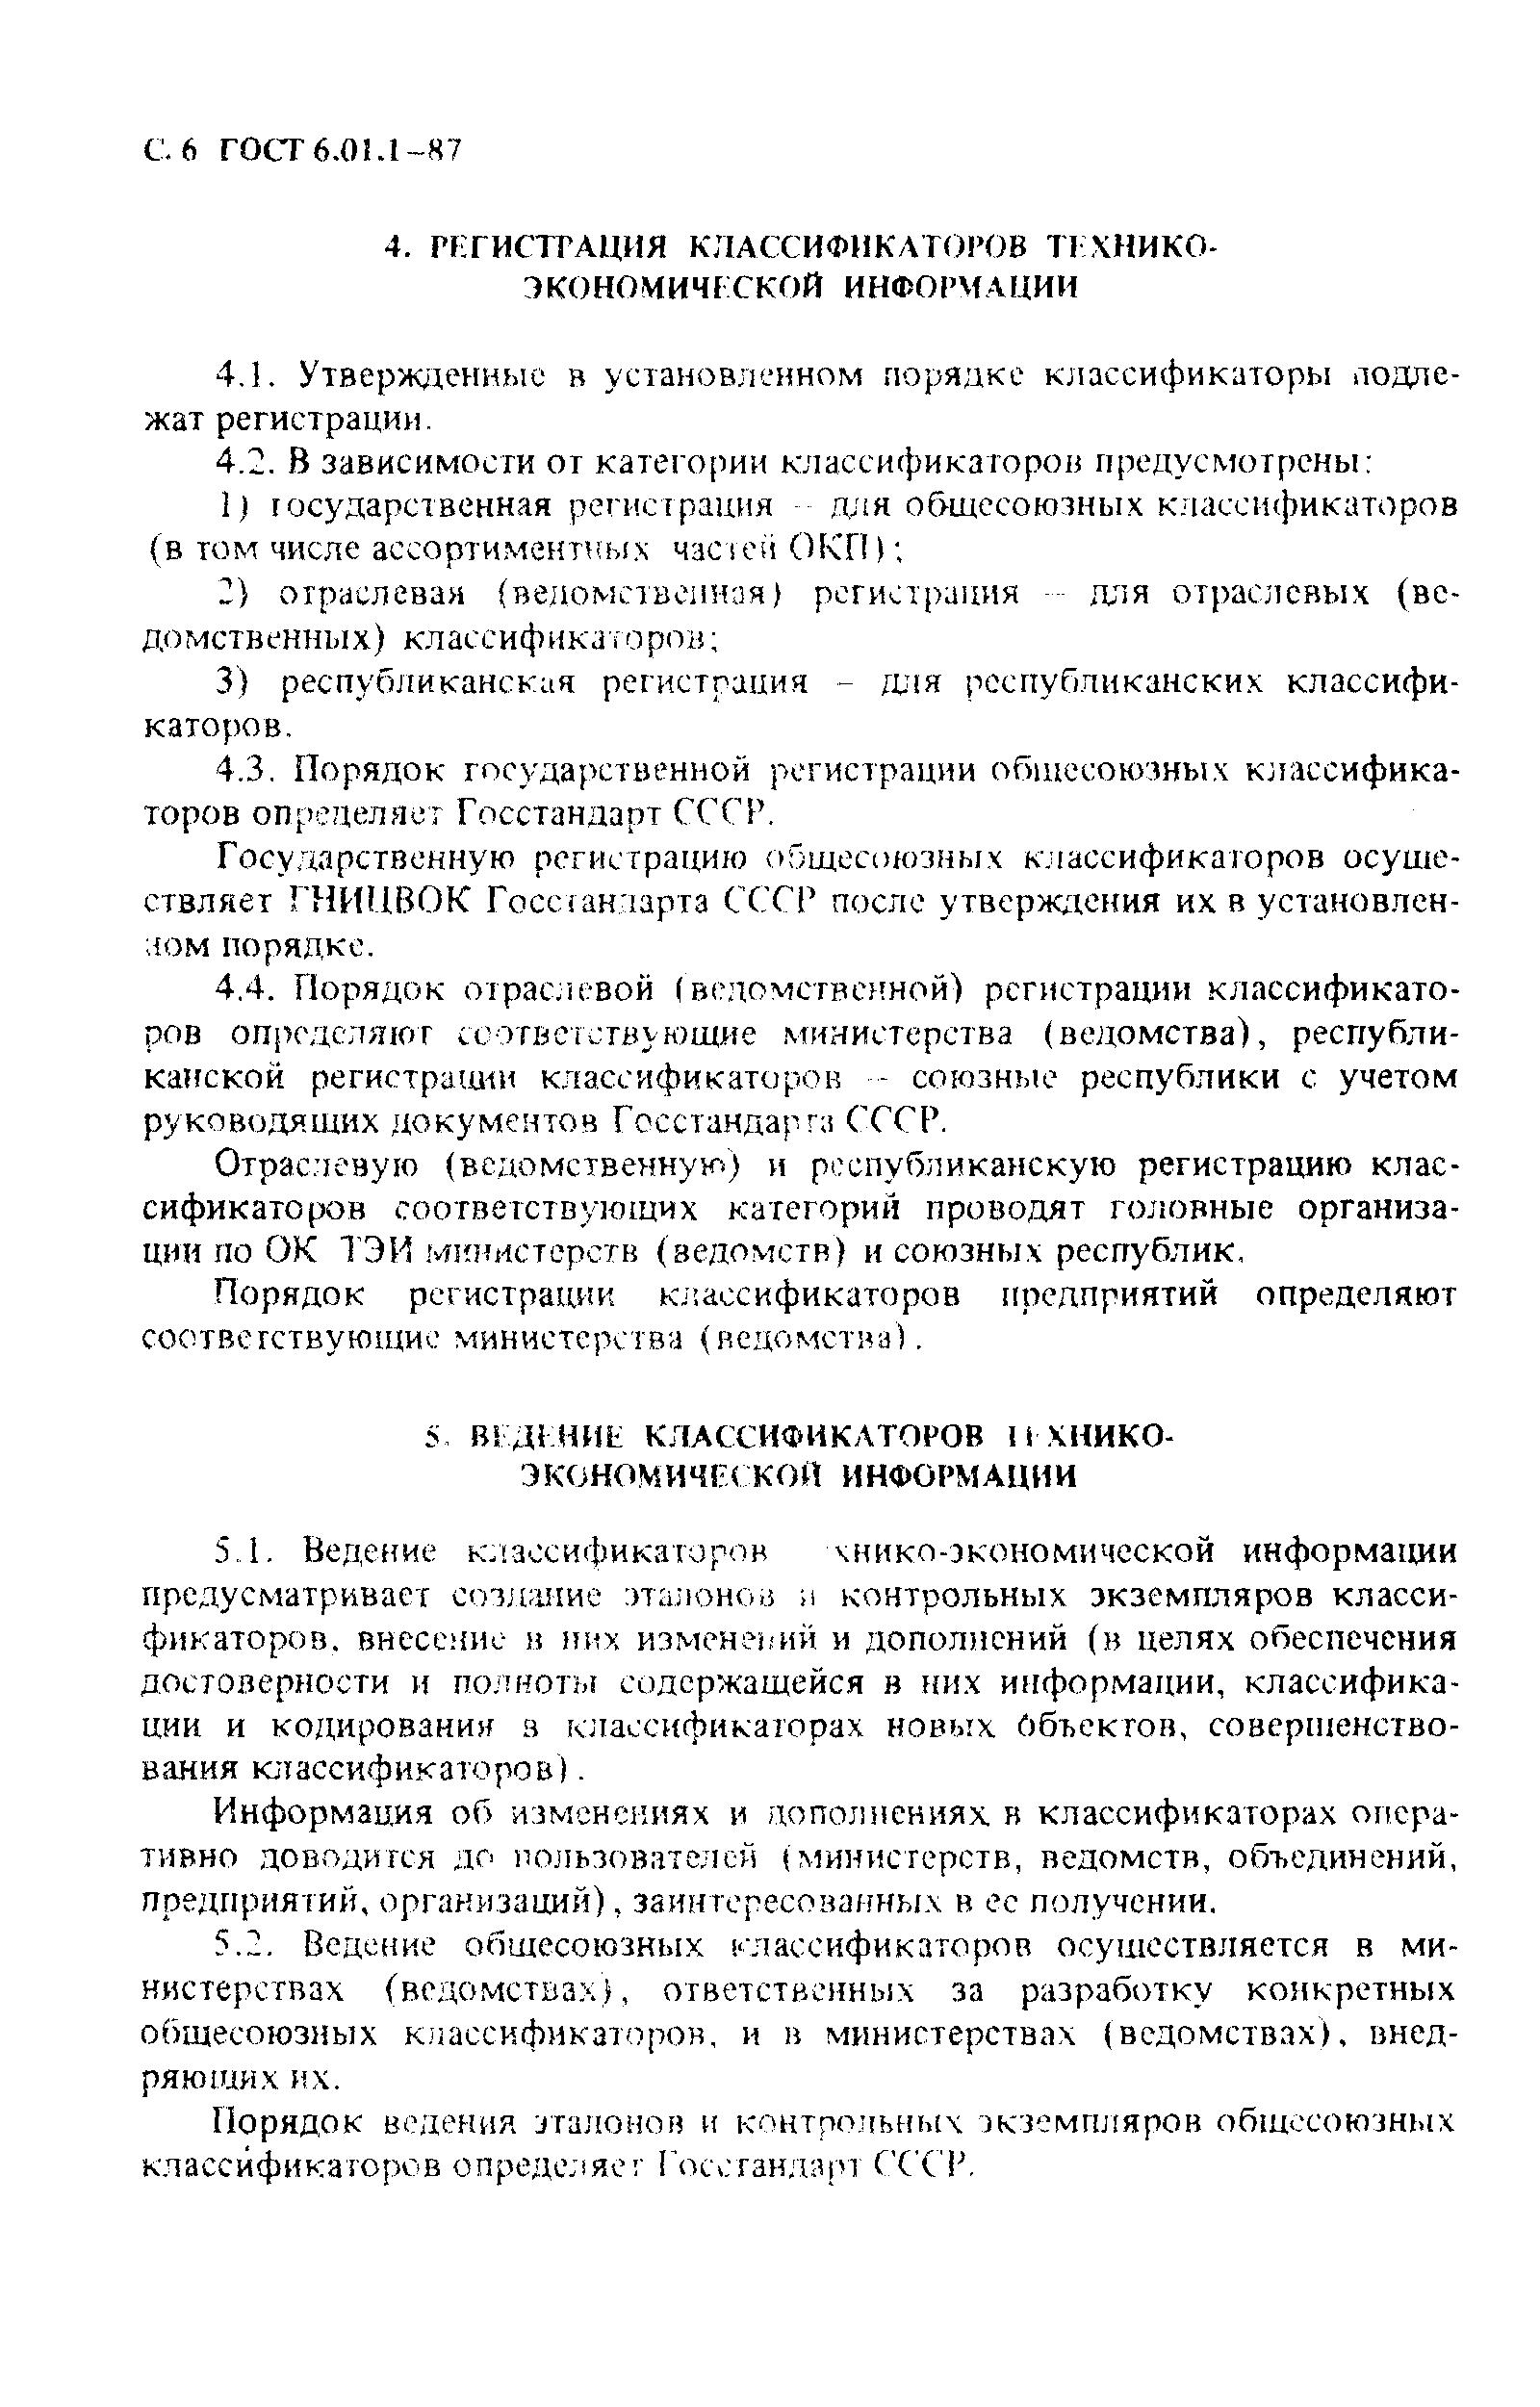 ГОСТ 6.01.1-87. Страница 7